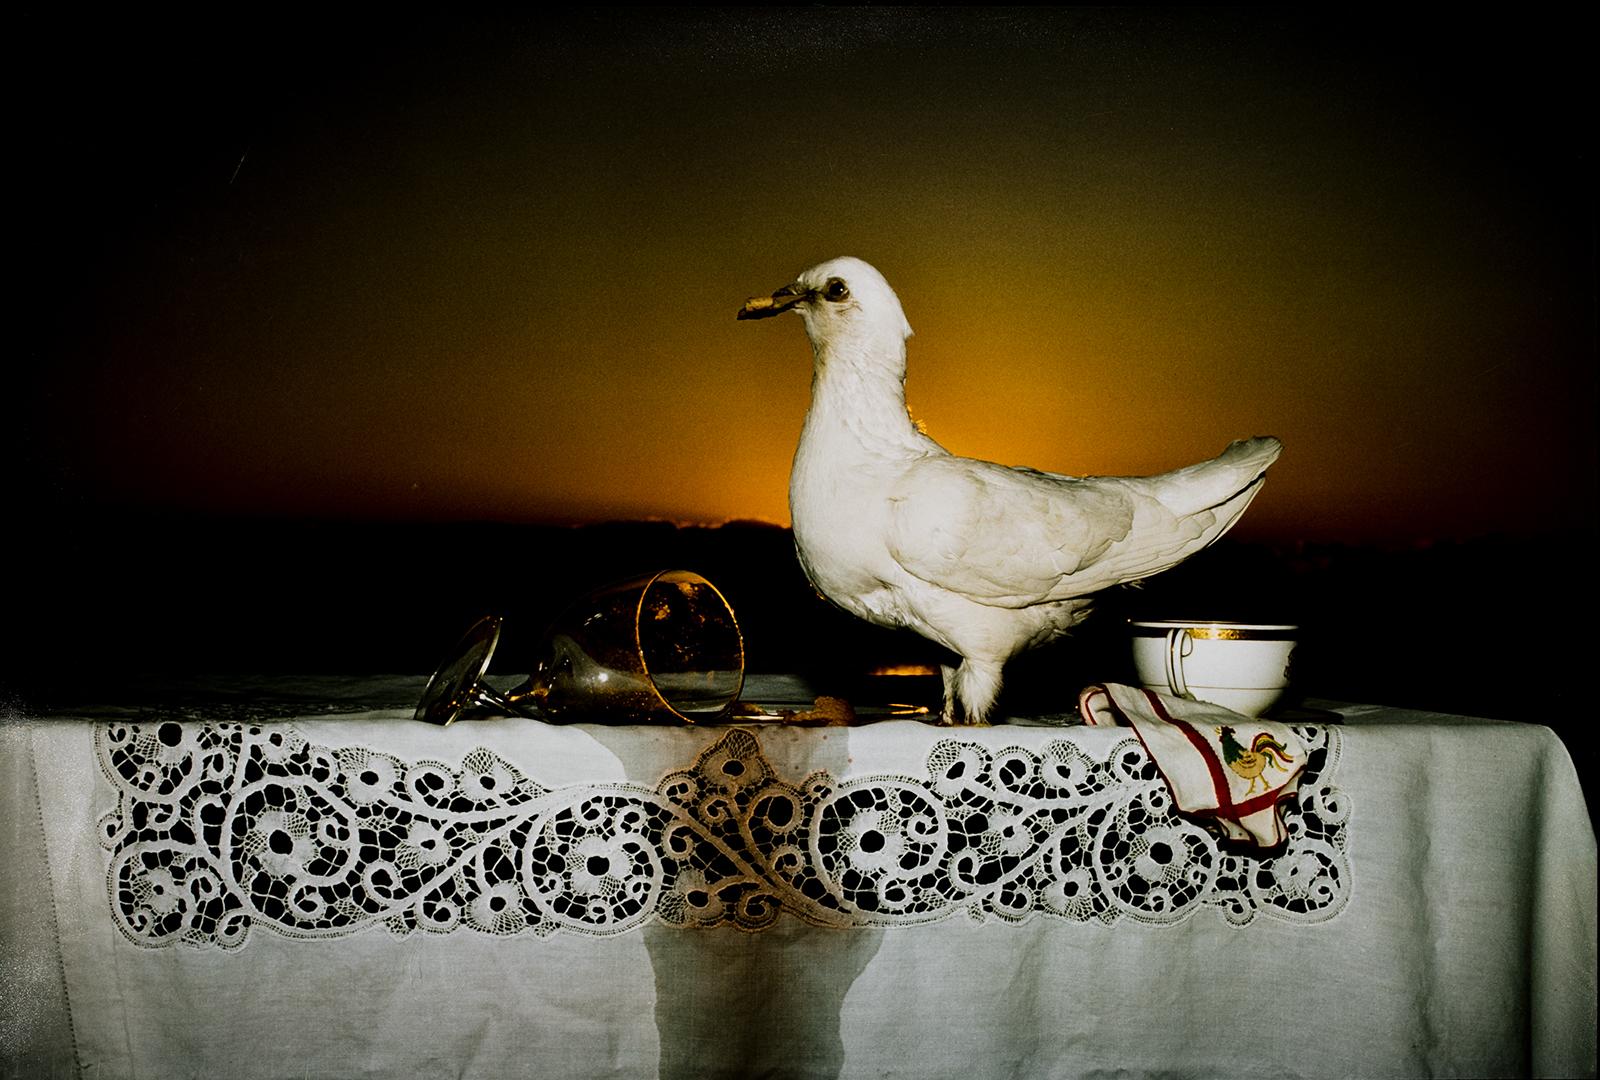 Barbara Norfleet, White Pigeon and Broken Wine Glass, 1986